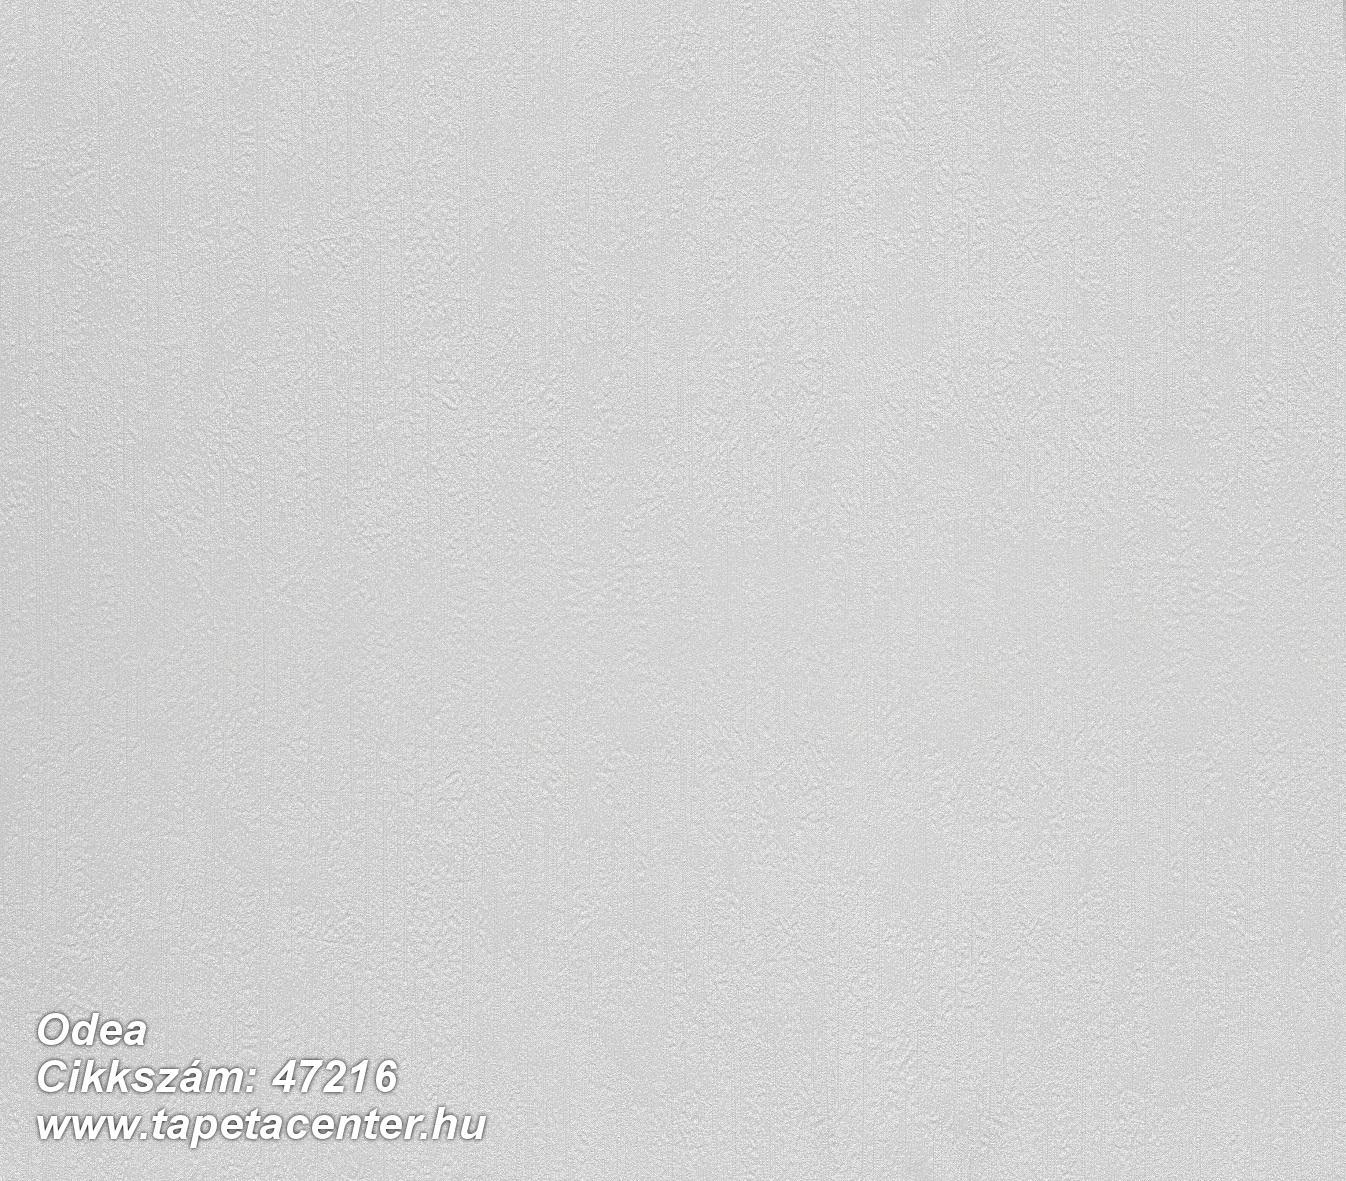 Odea - 47216 Olasz tapéta